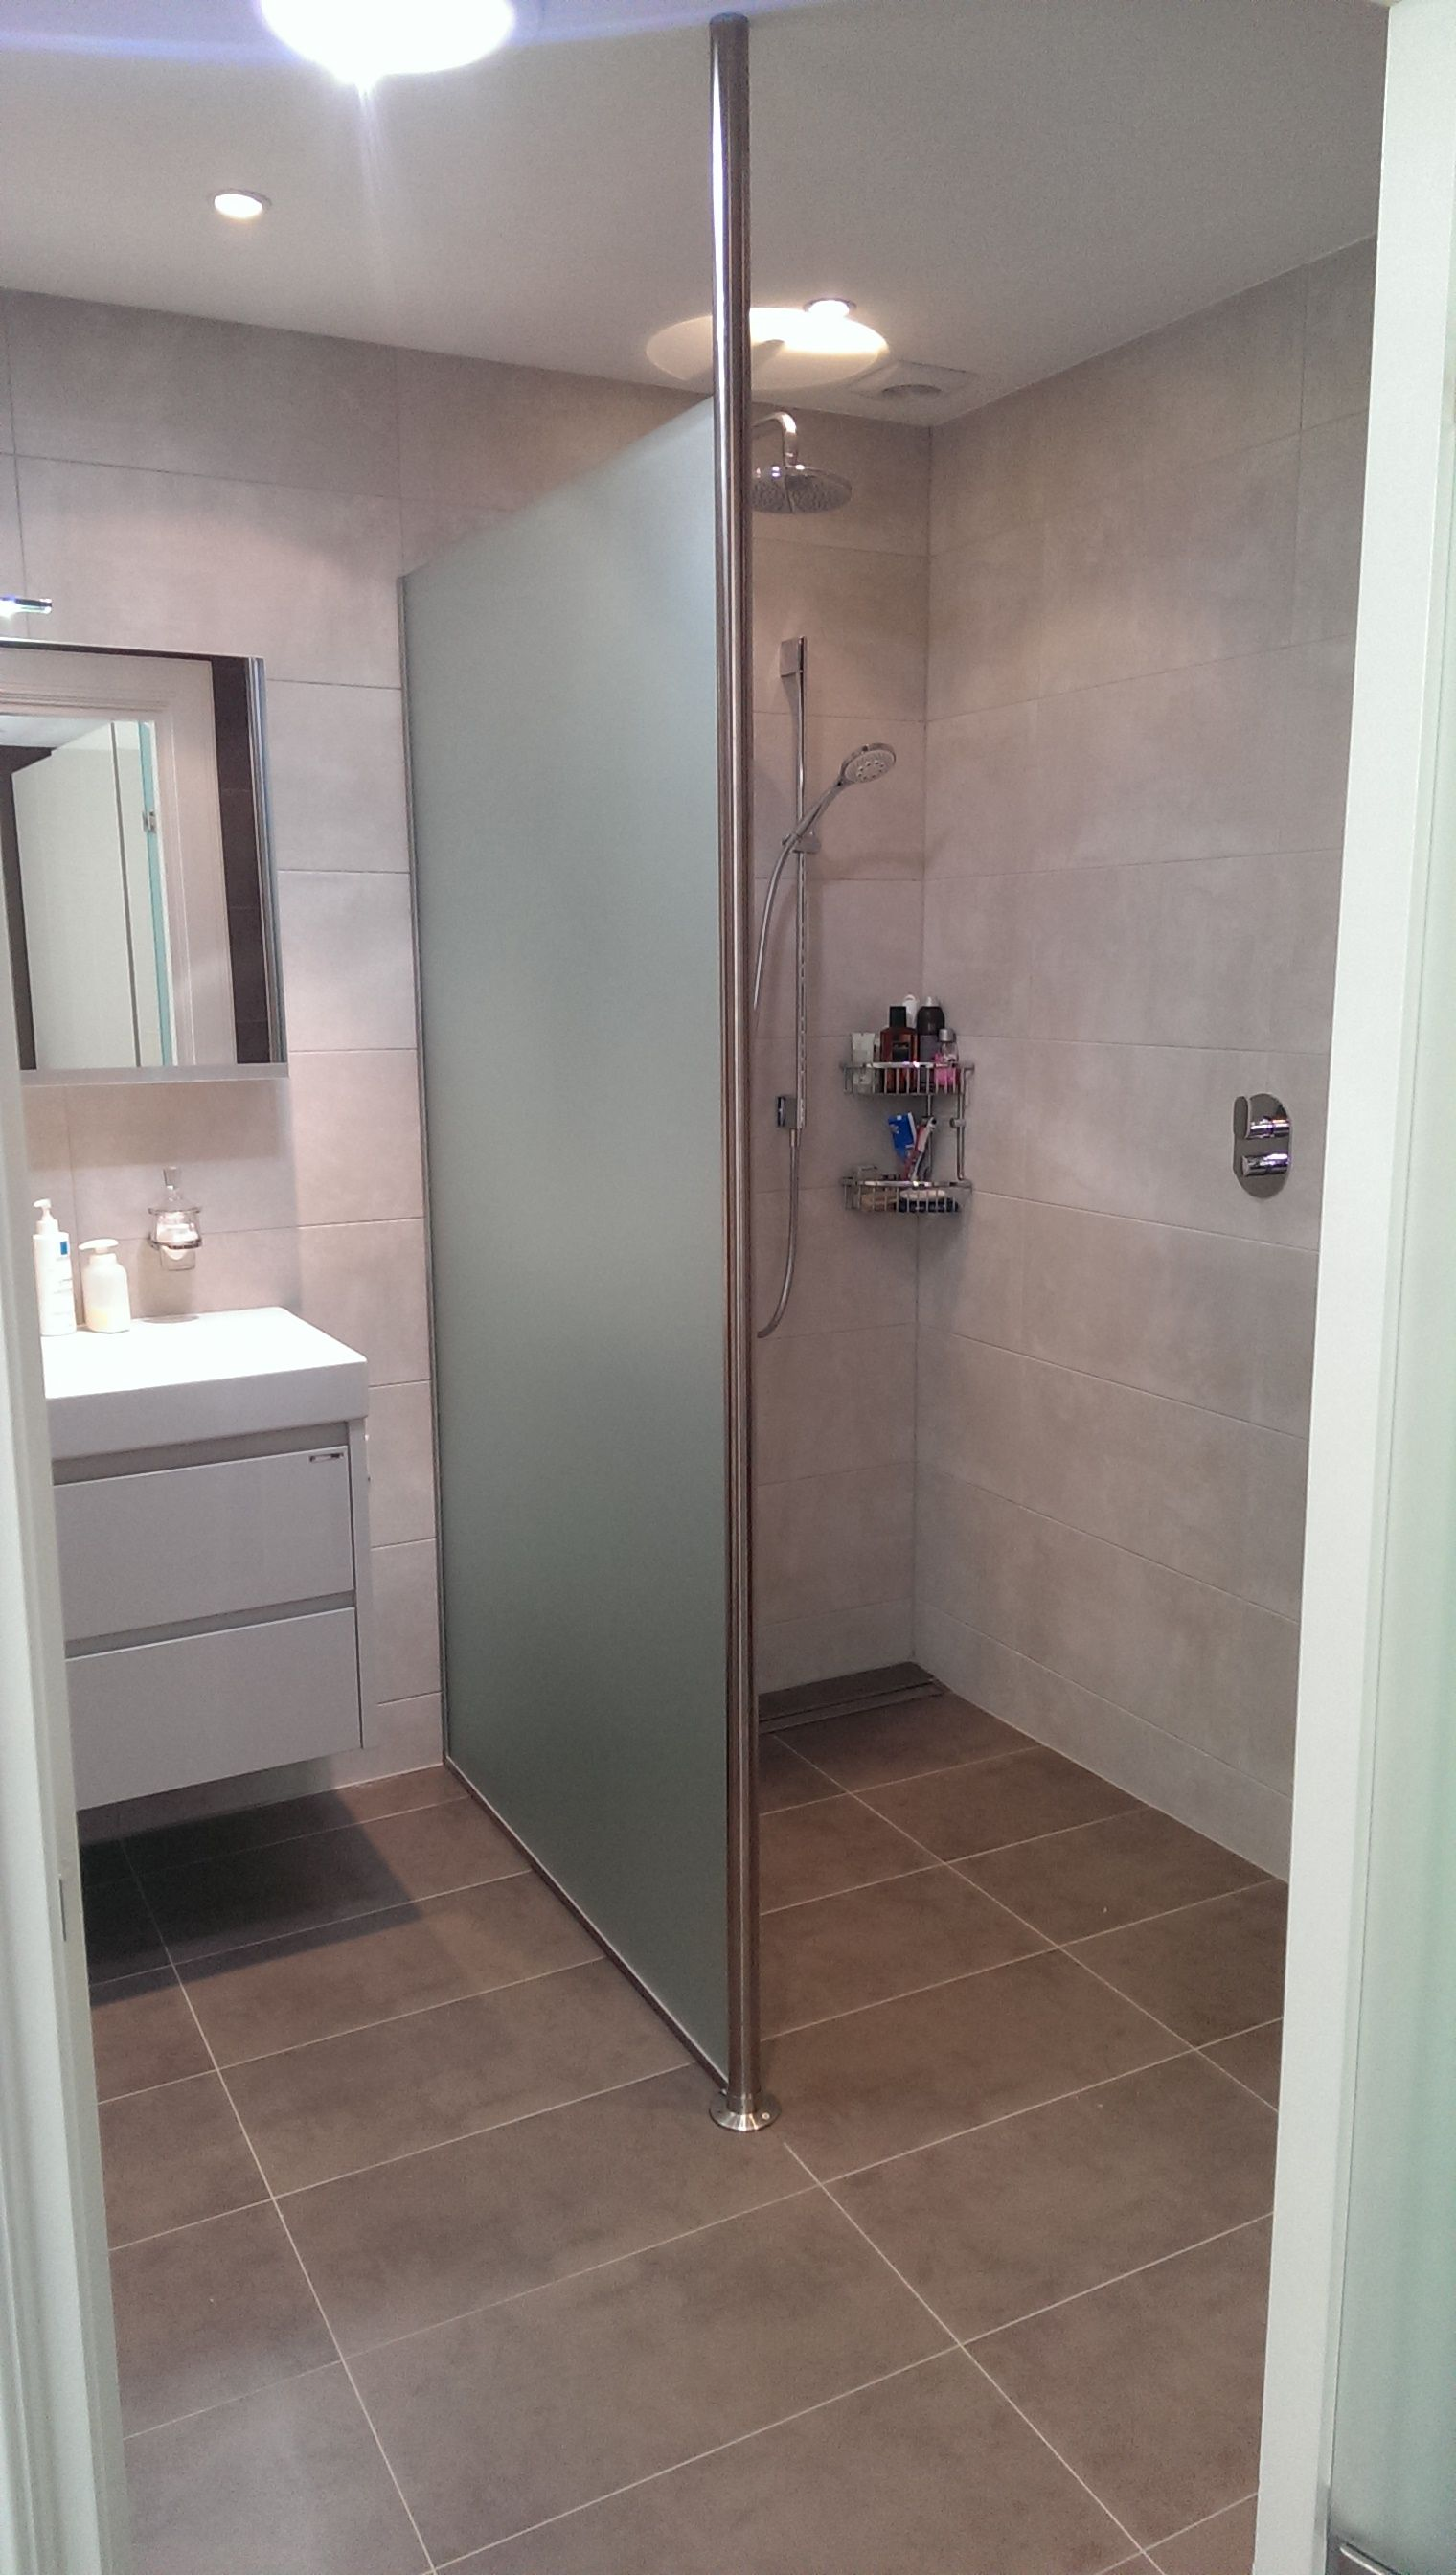 inloopdouche badkamer inspiratie vidre glastoepassingen